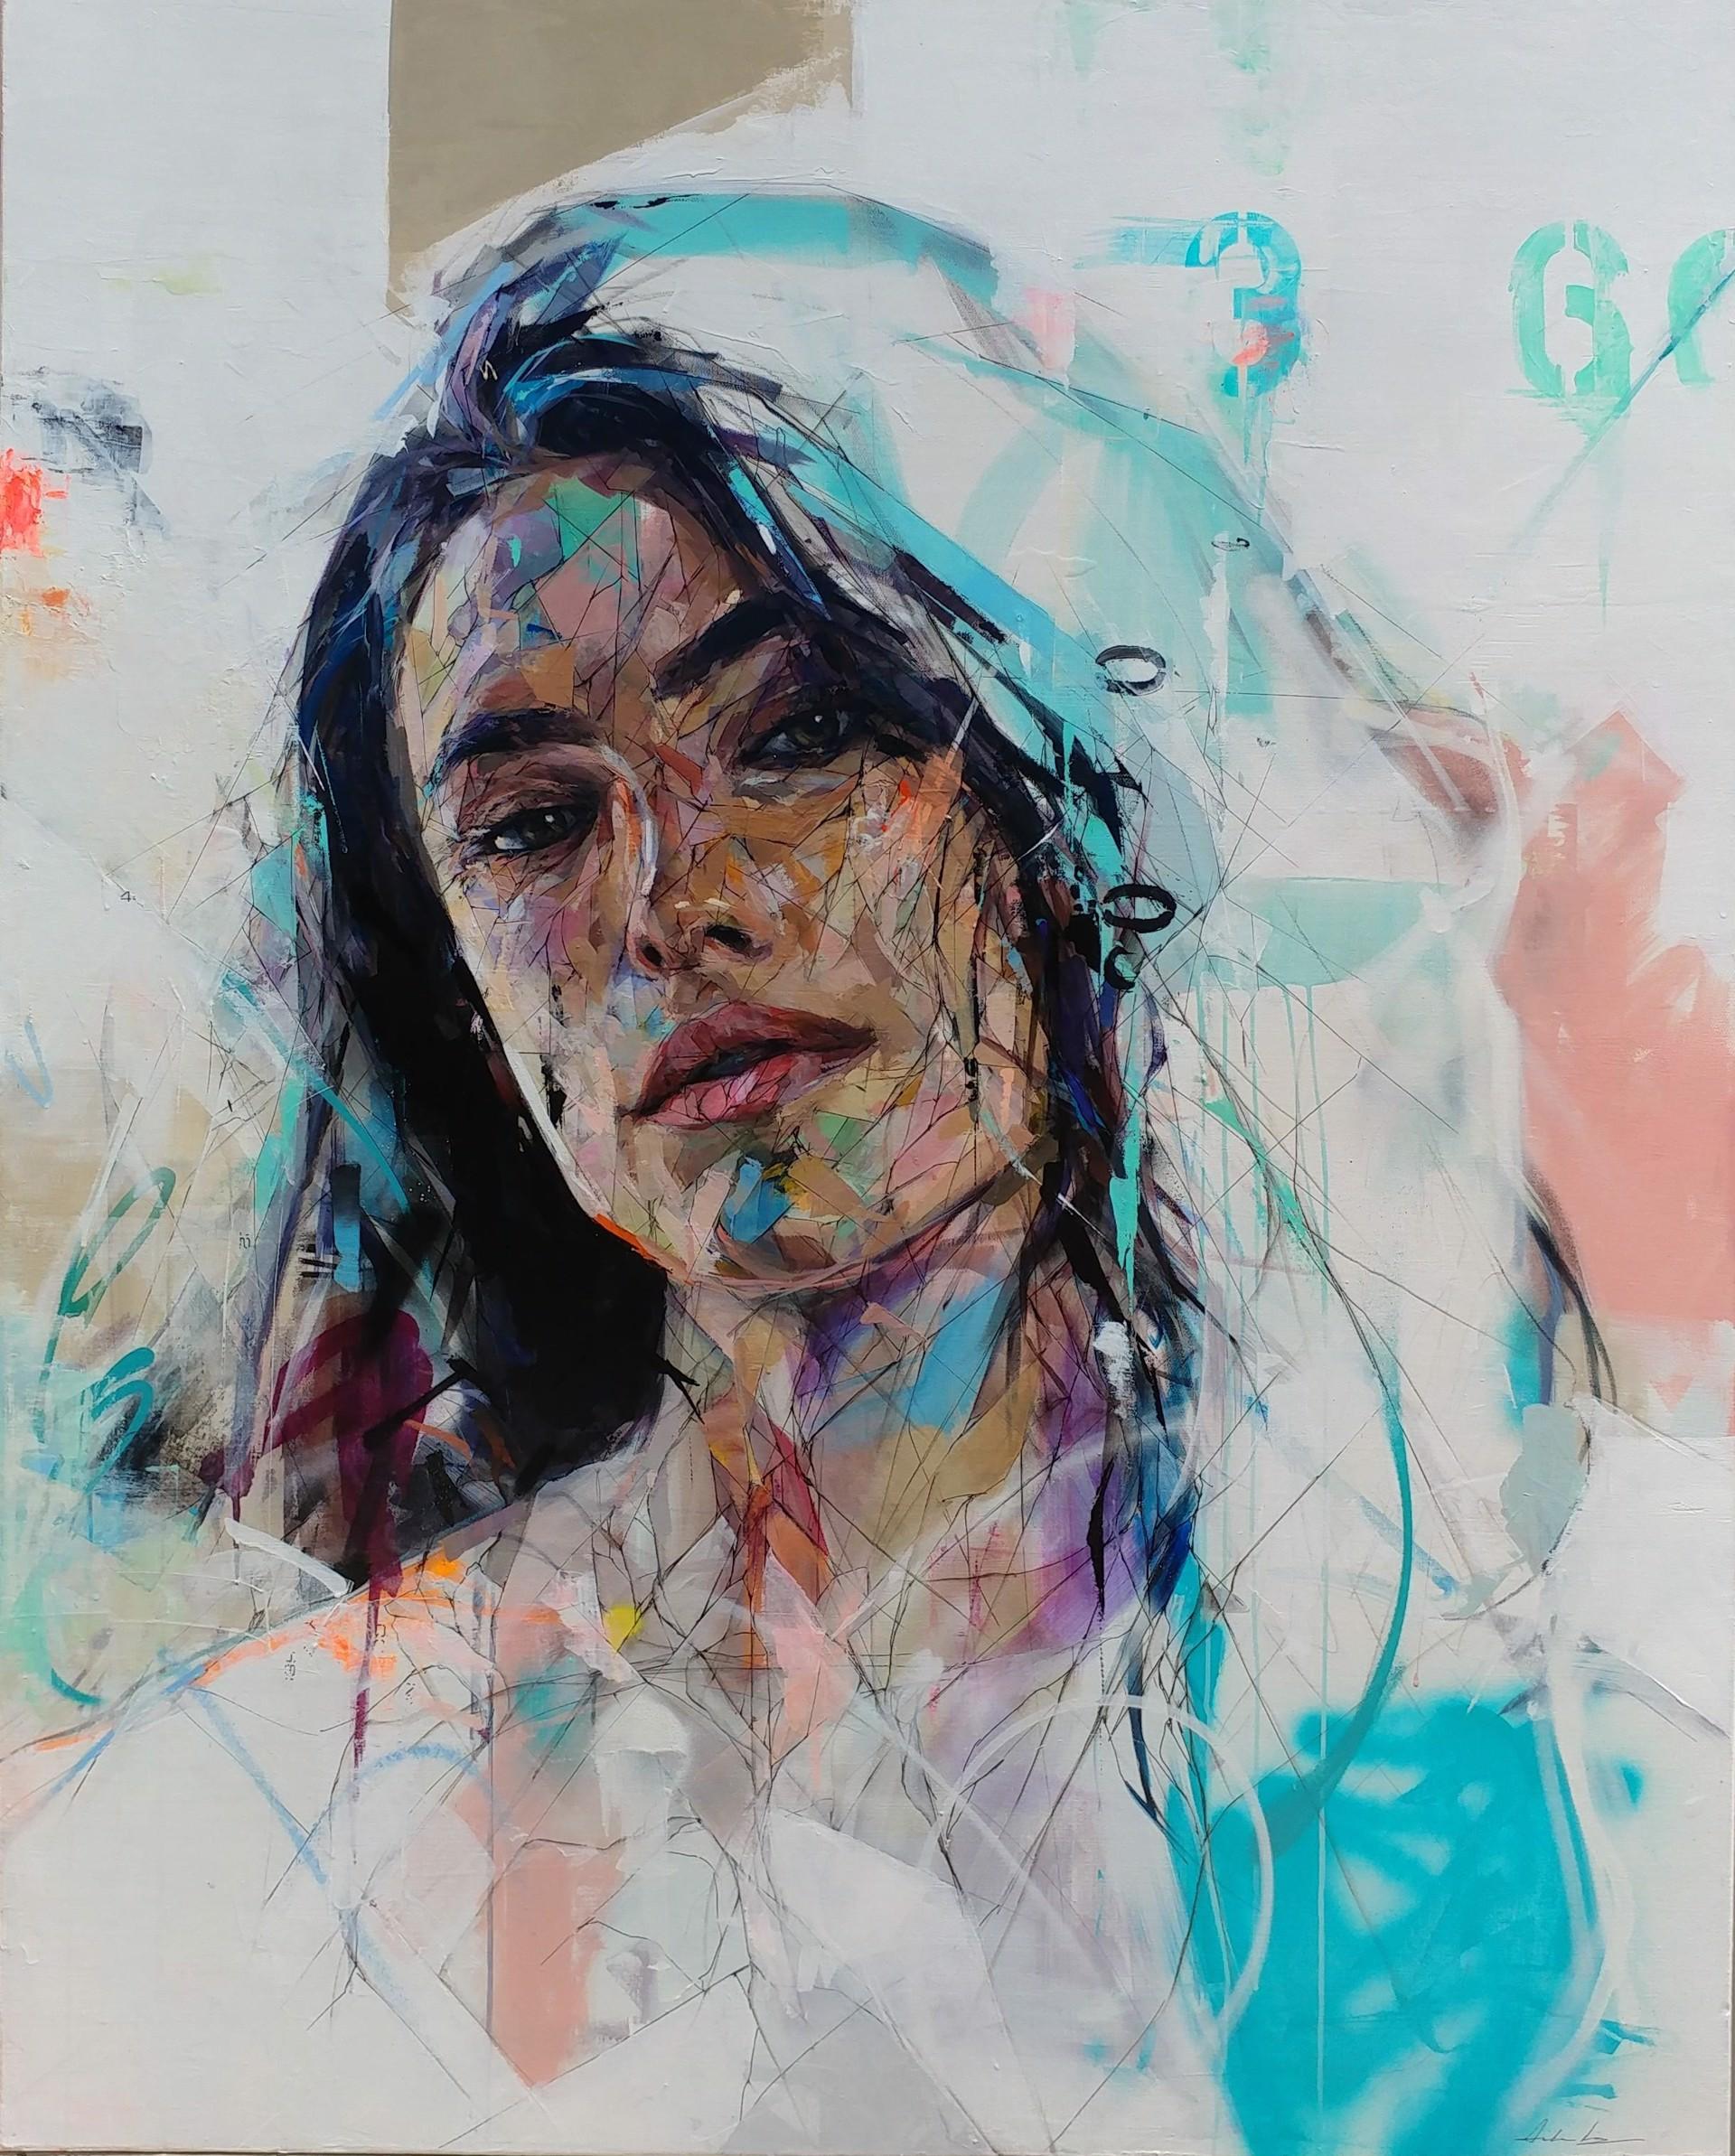 Intimation by Aiden Kringen